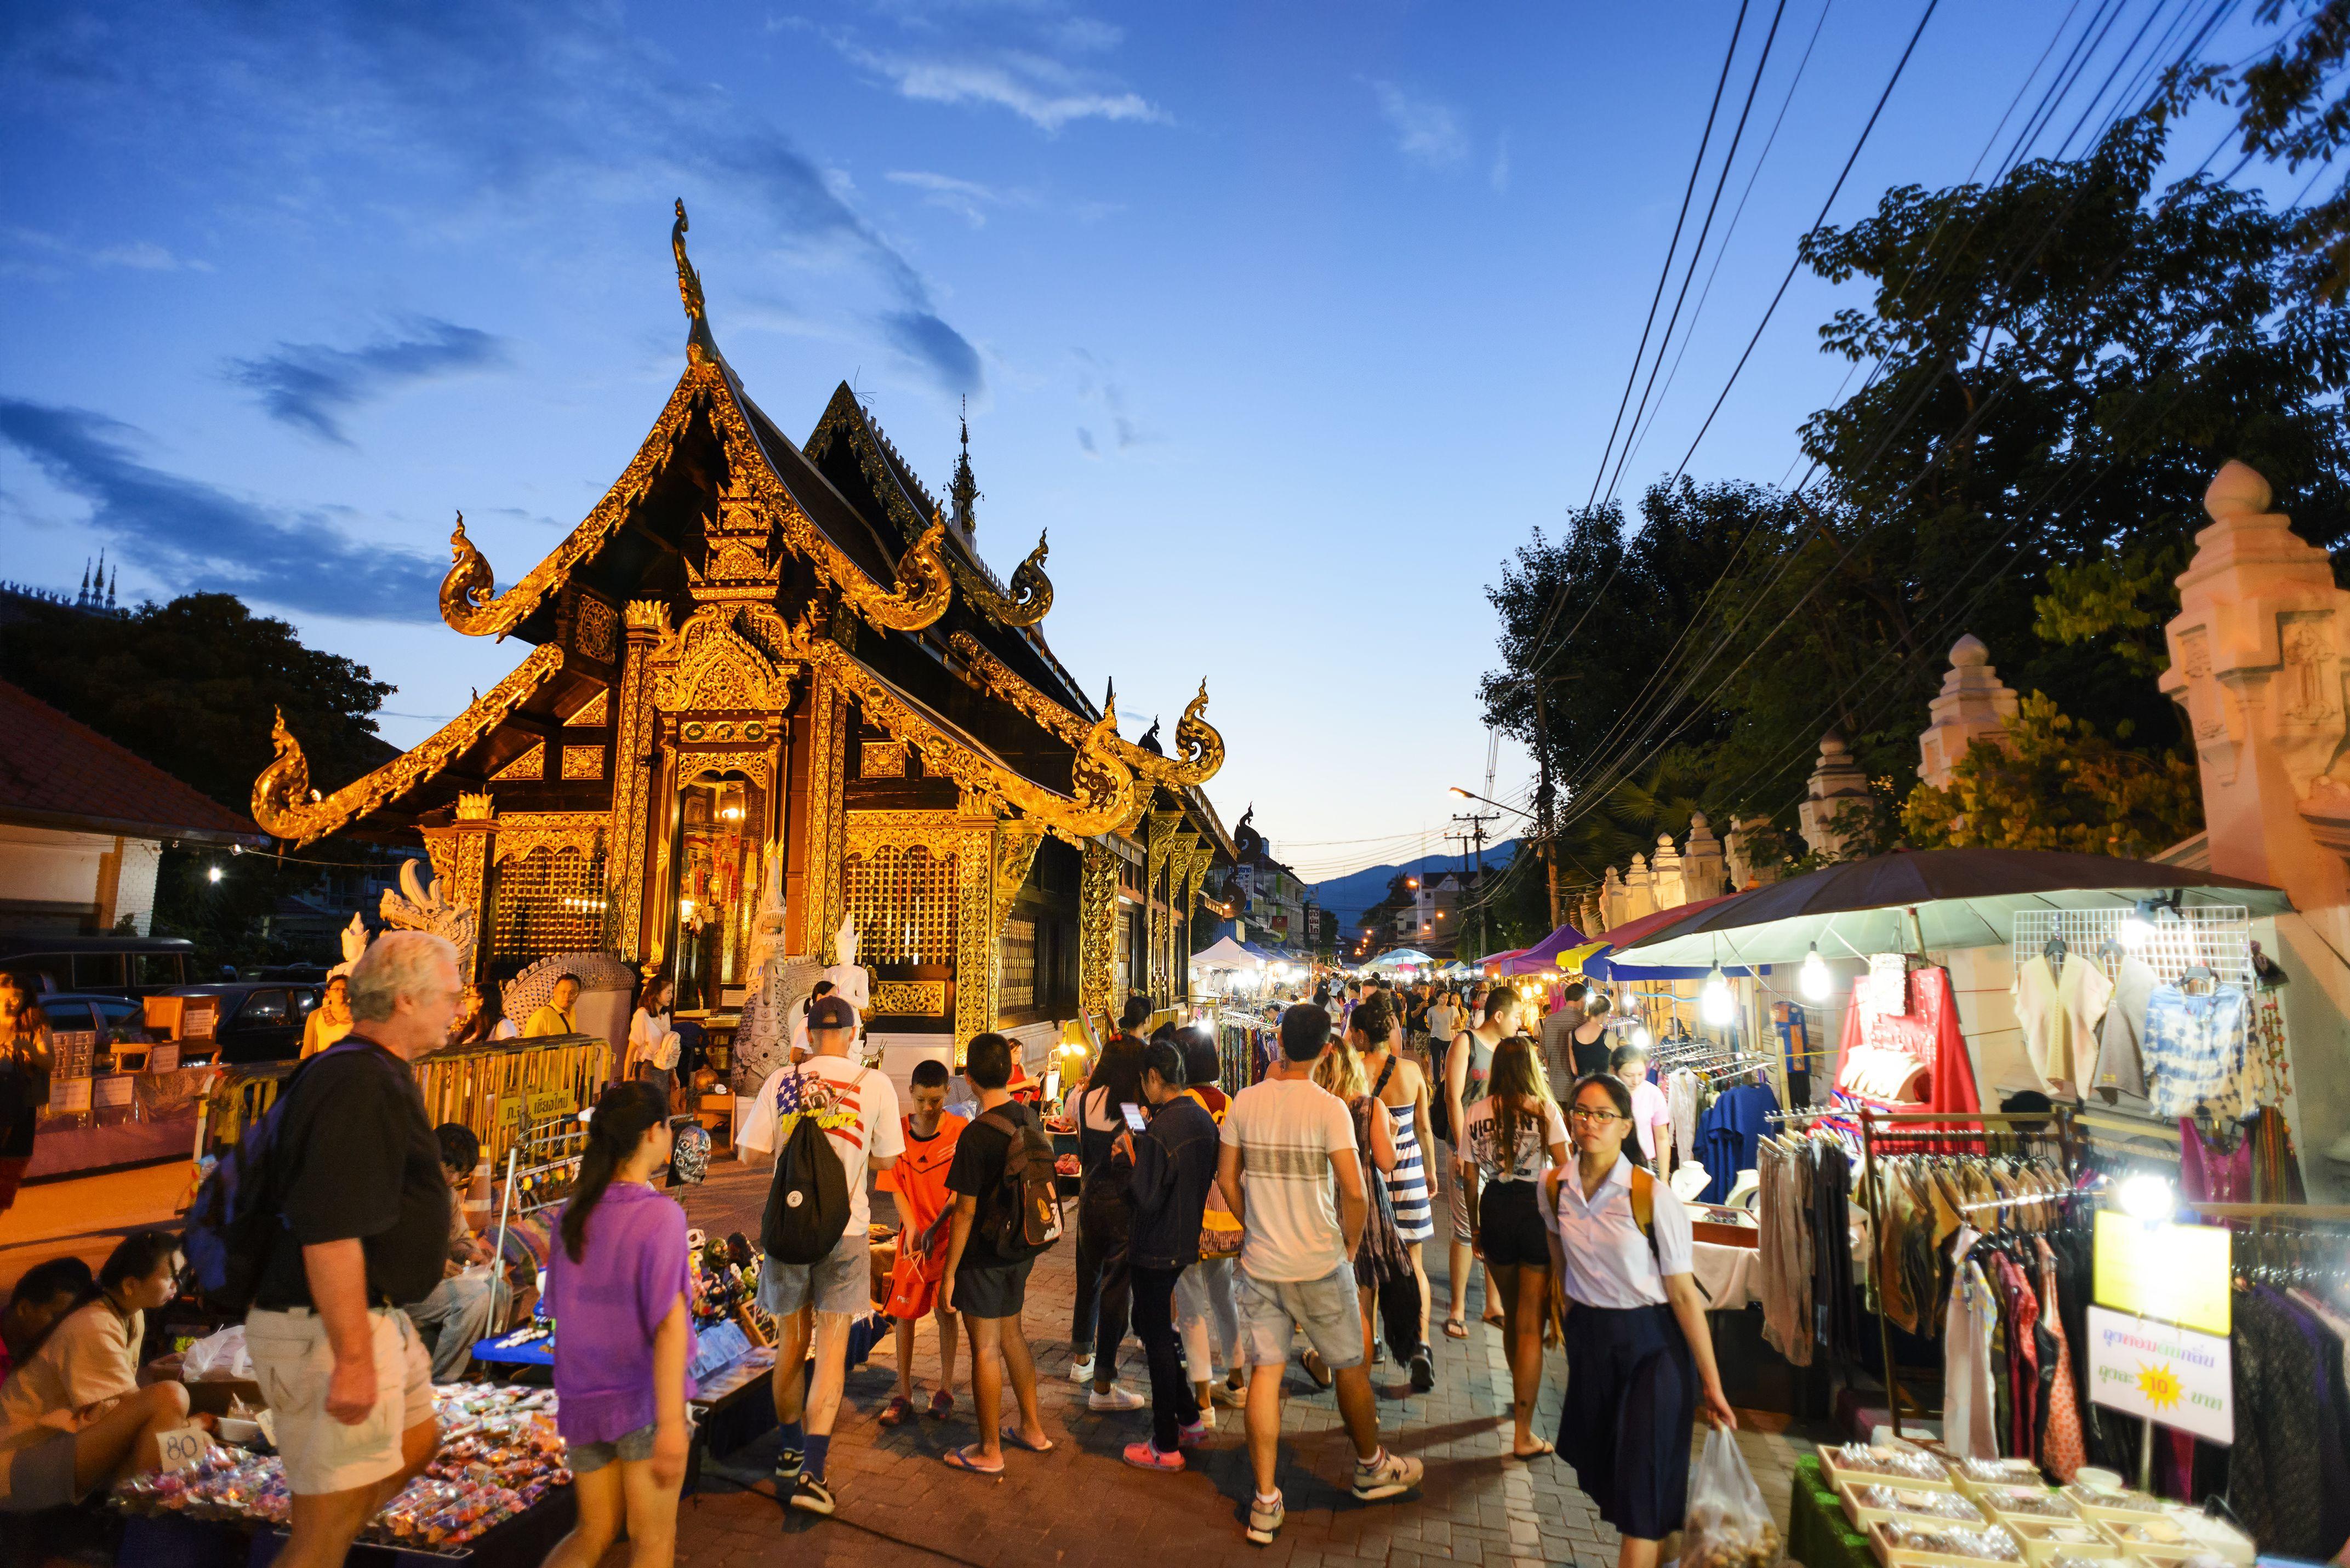 El mercado callejero Sunday Walking Street en Chiang Mai, Tailandia